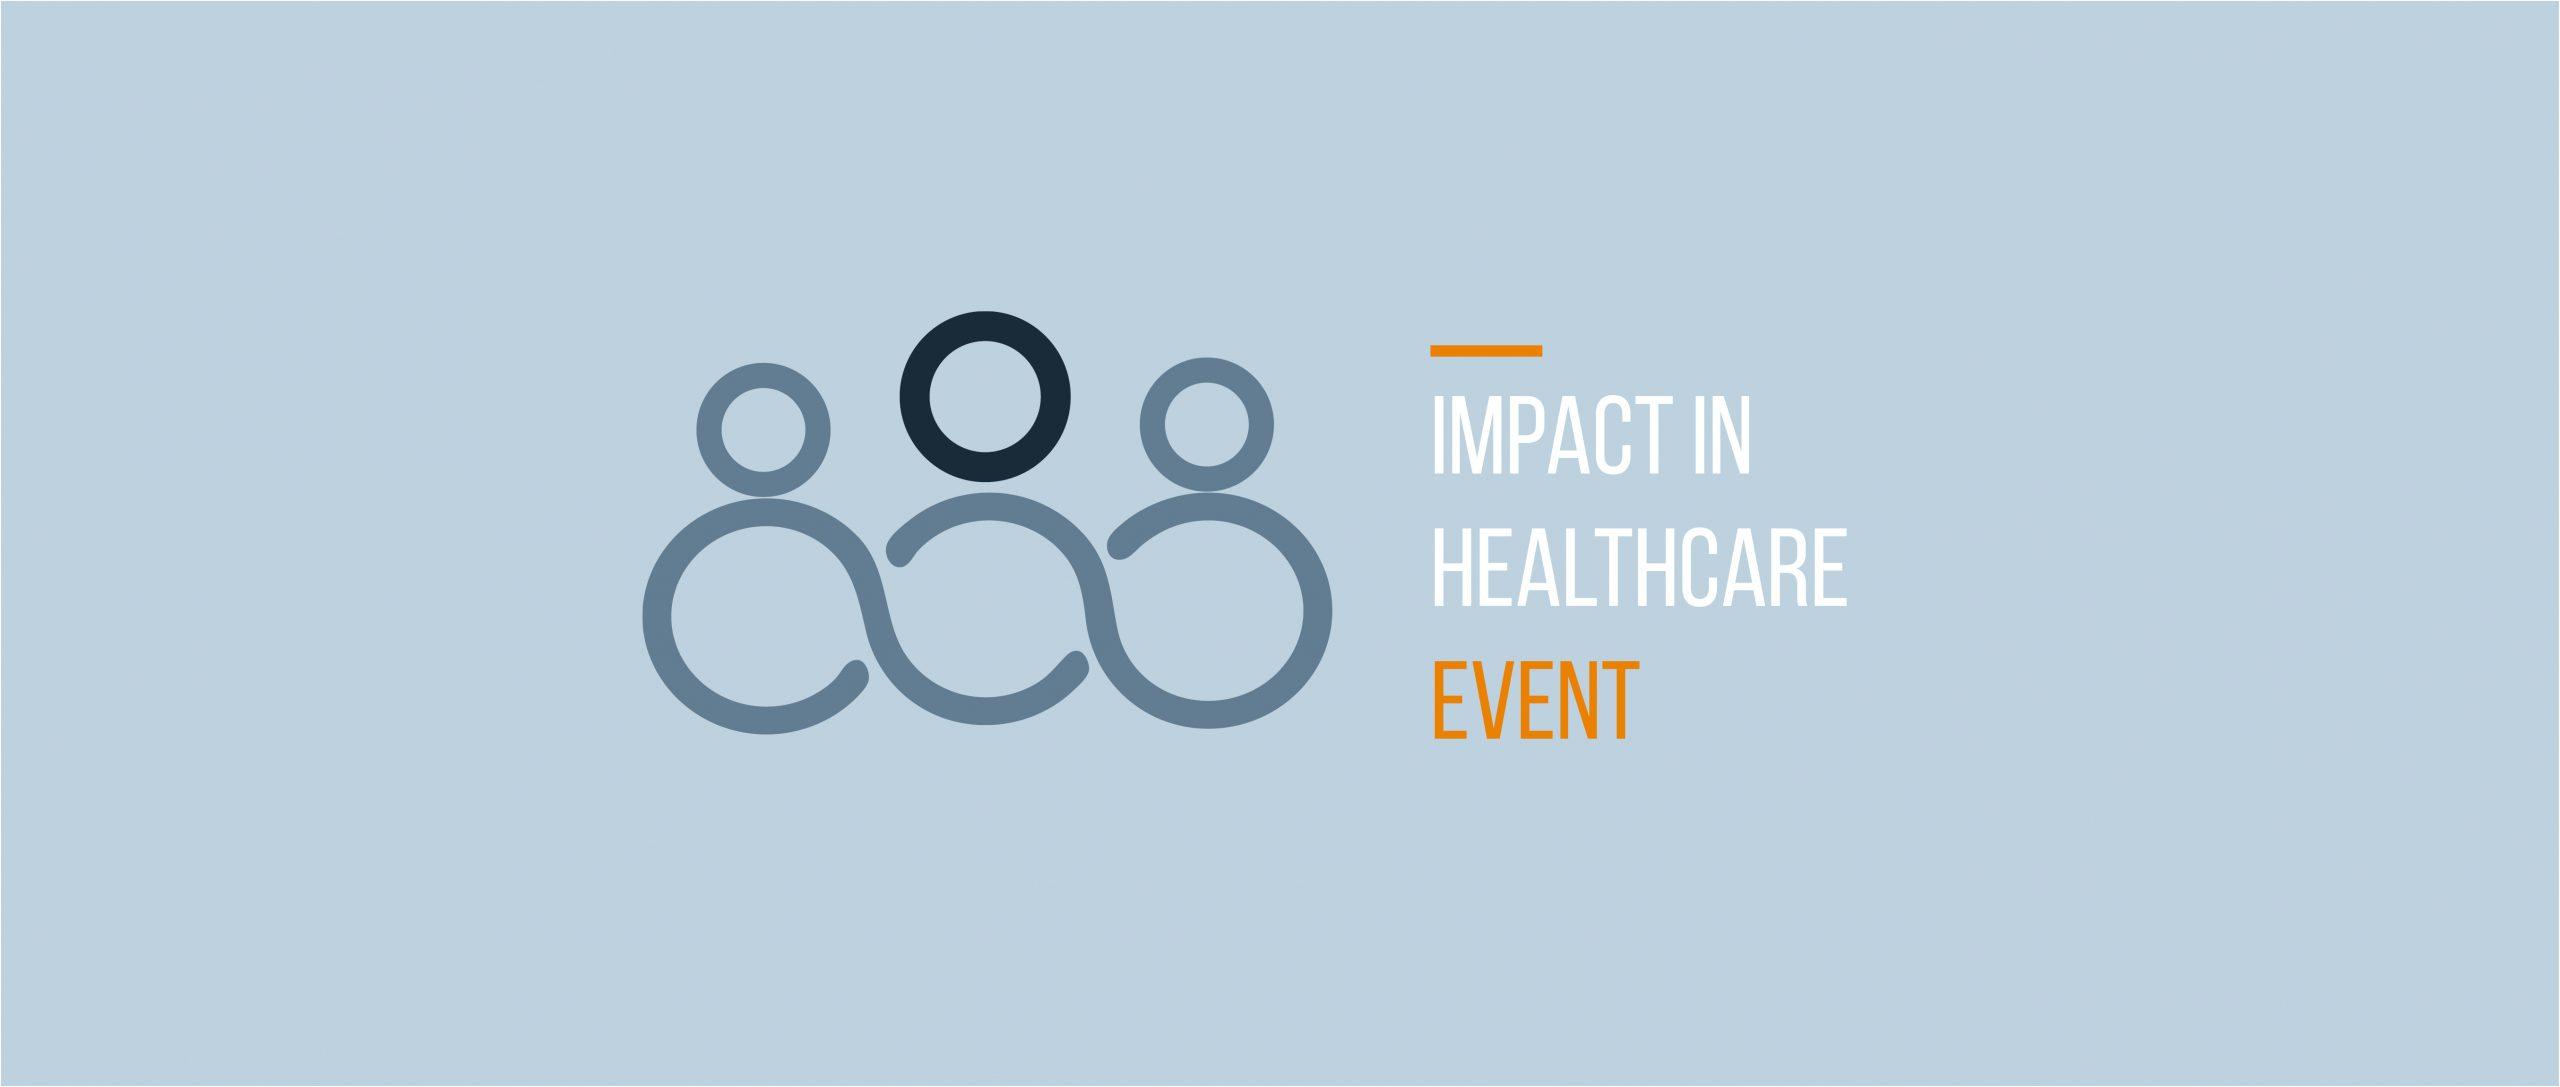 https://www.vintura.com/wp-content/uploads/2017/08/Event-impact-in-healthcare-website-groot-gekleurde-achtergrond-banner-website-1-3-scaled.jpg